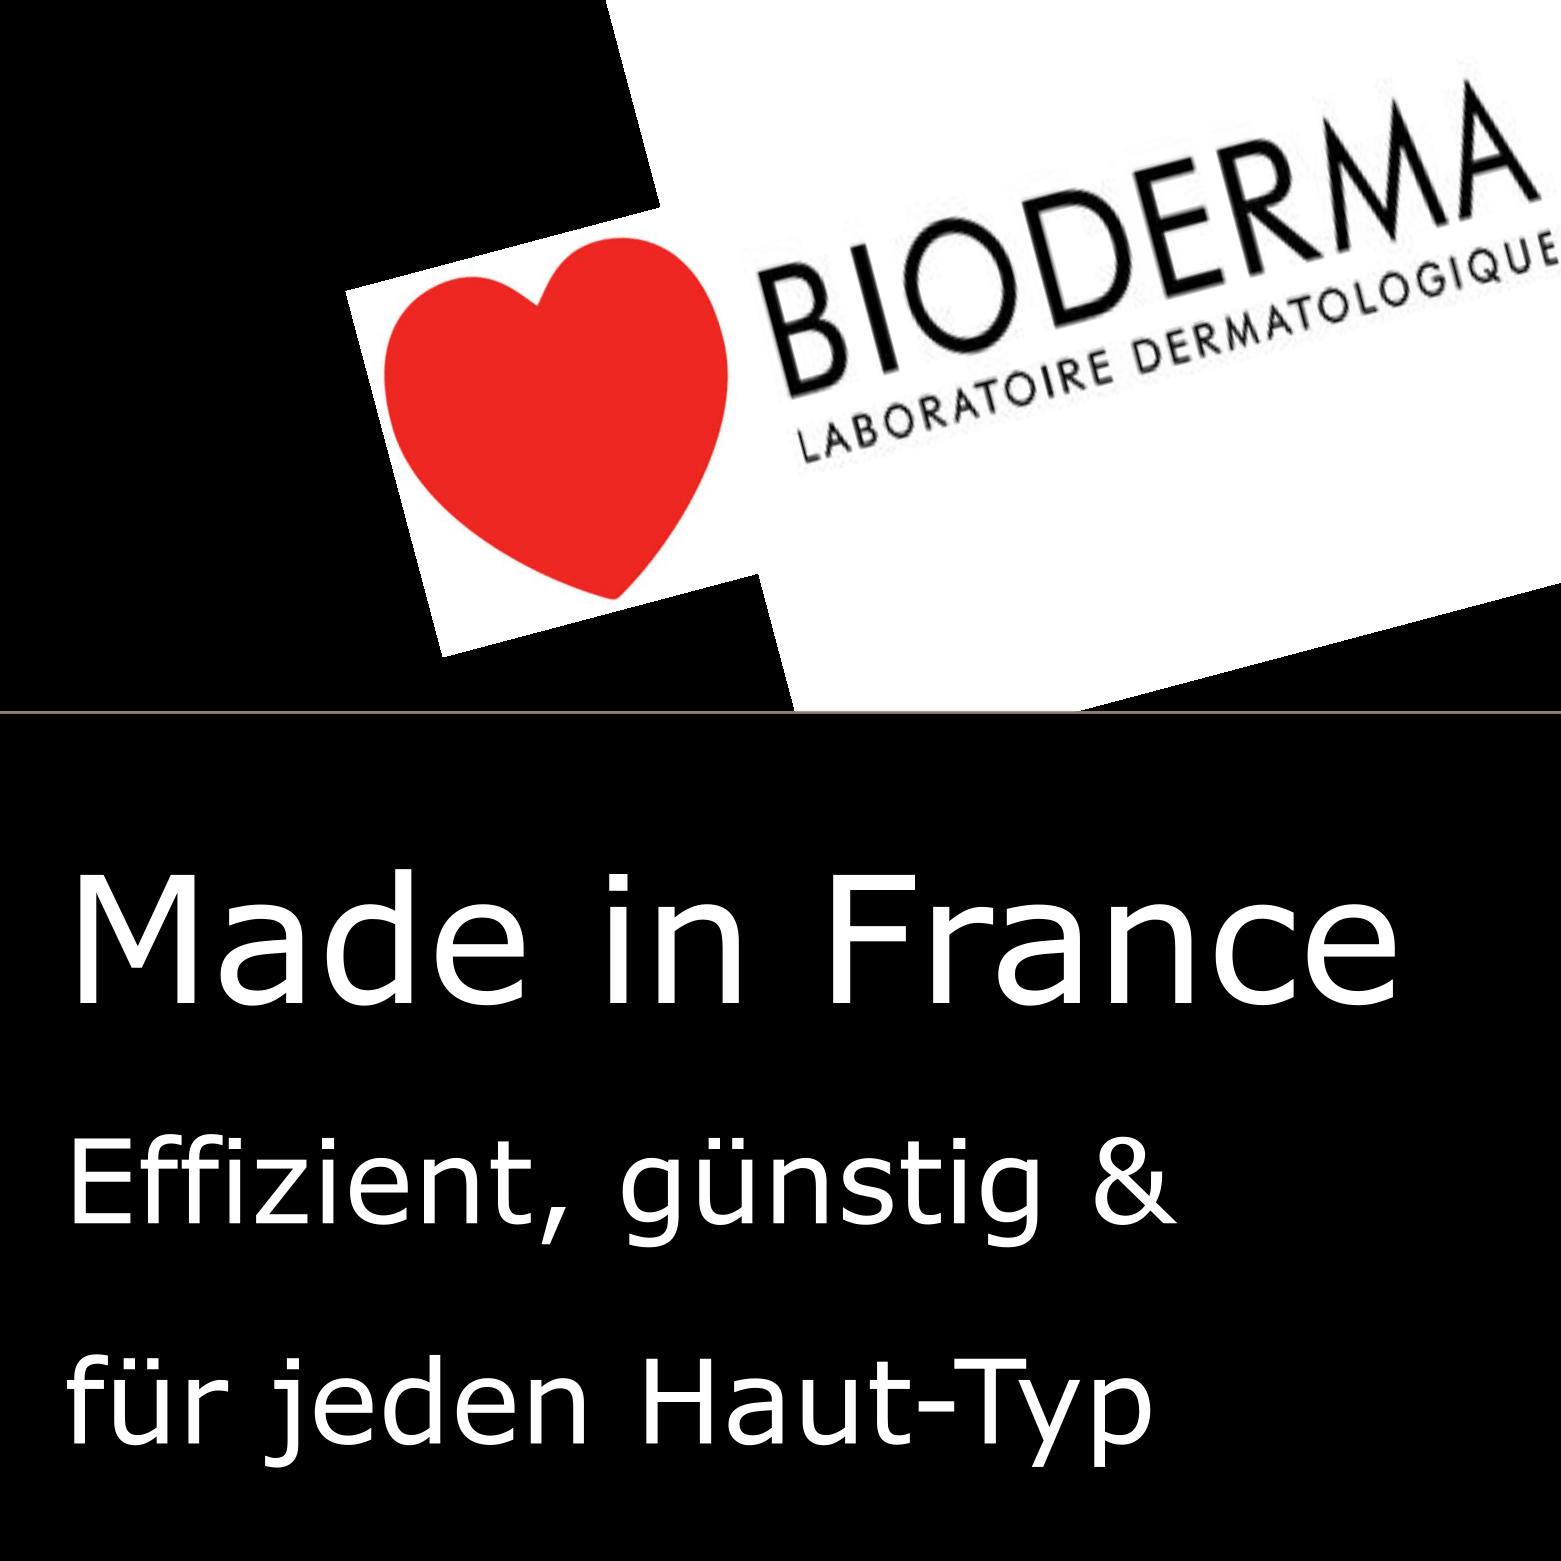 Wir lieben Bioderma!